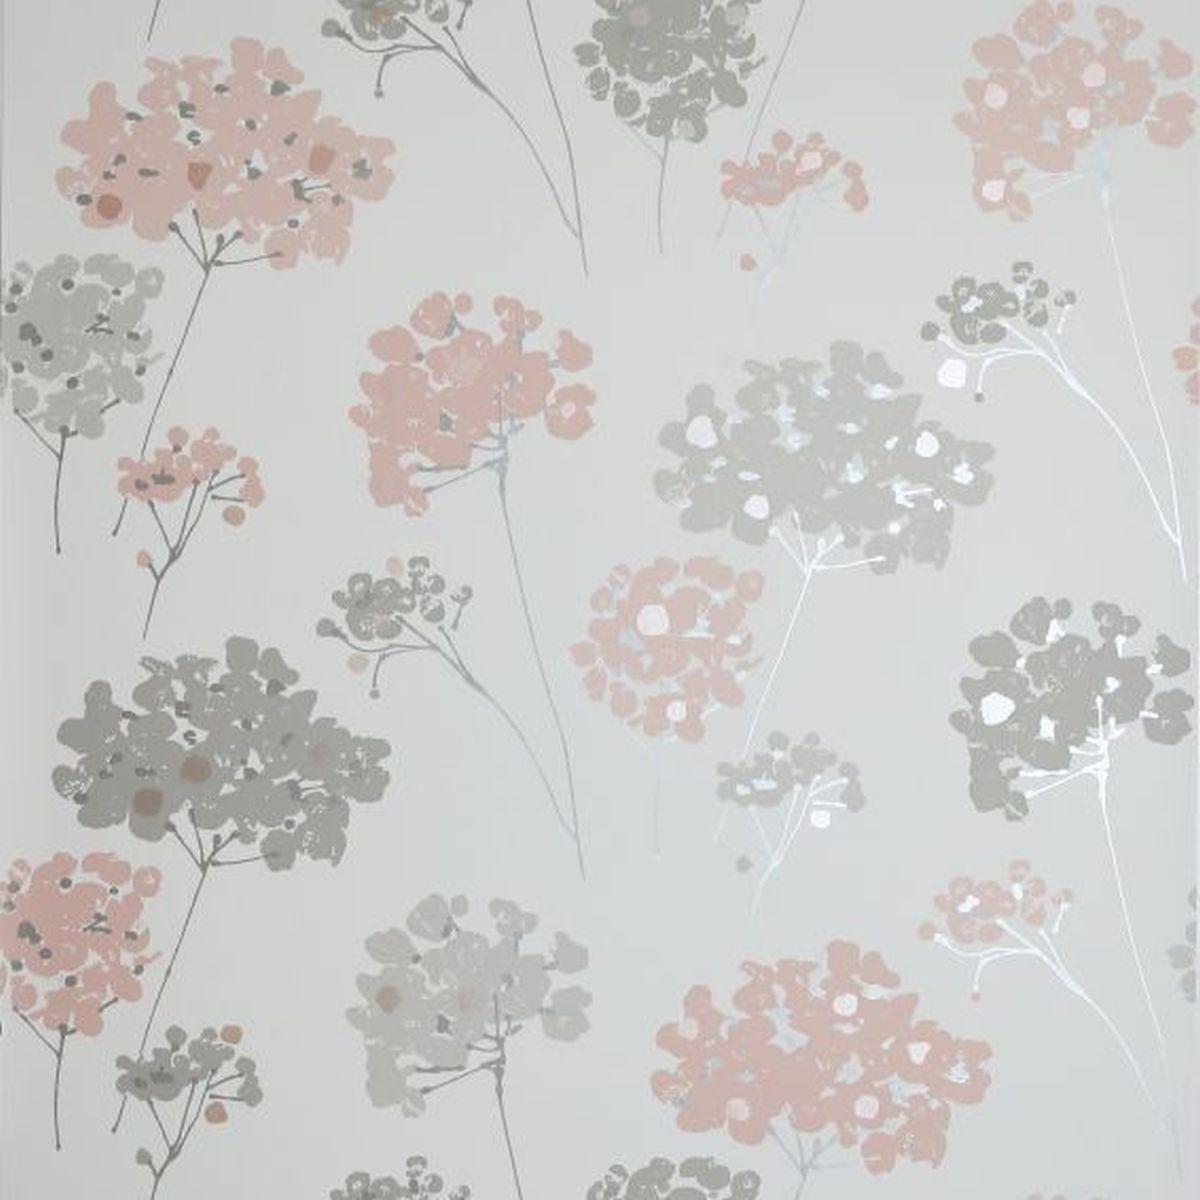 Best of Arthouse Vliestapete Ausgezeichnete Vliestapete 907501 Grau Blumentapete